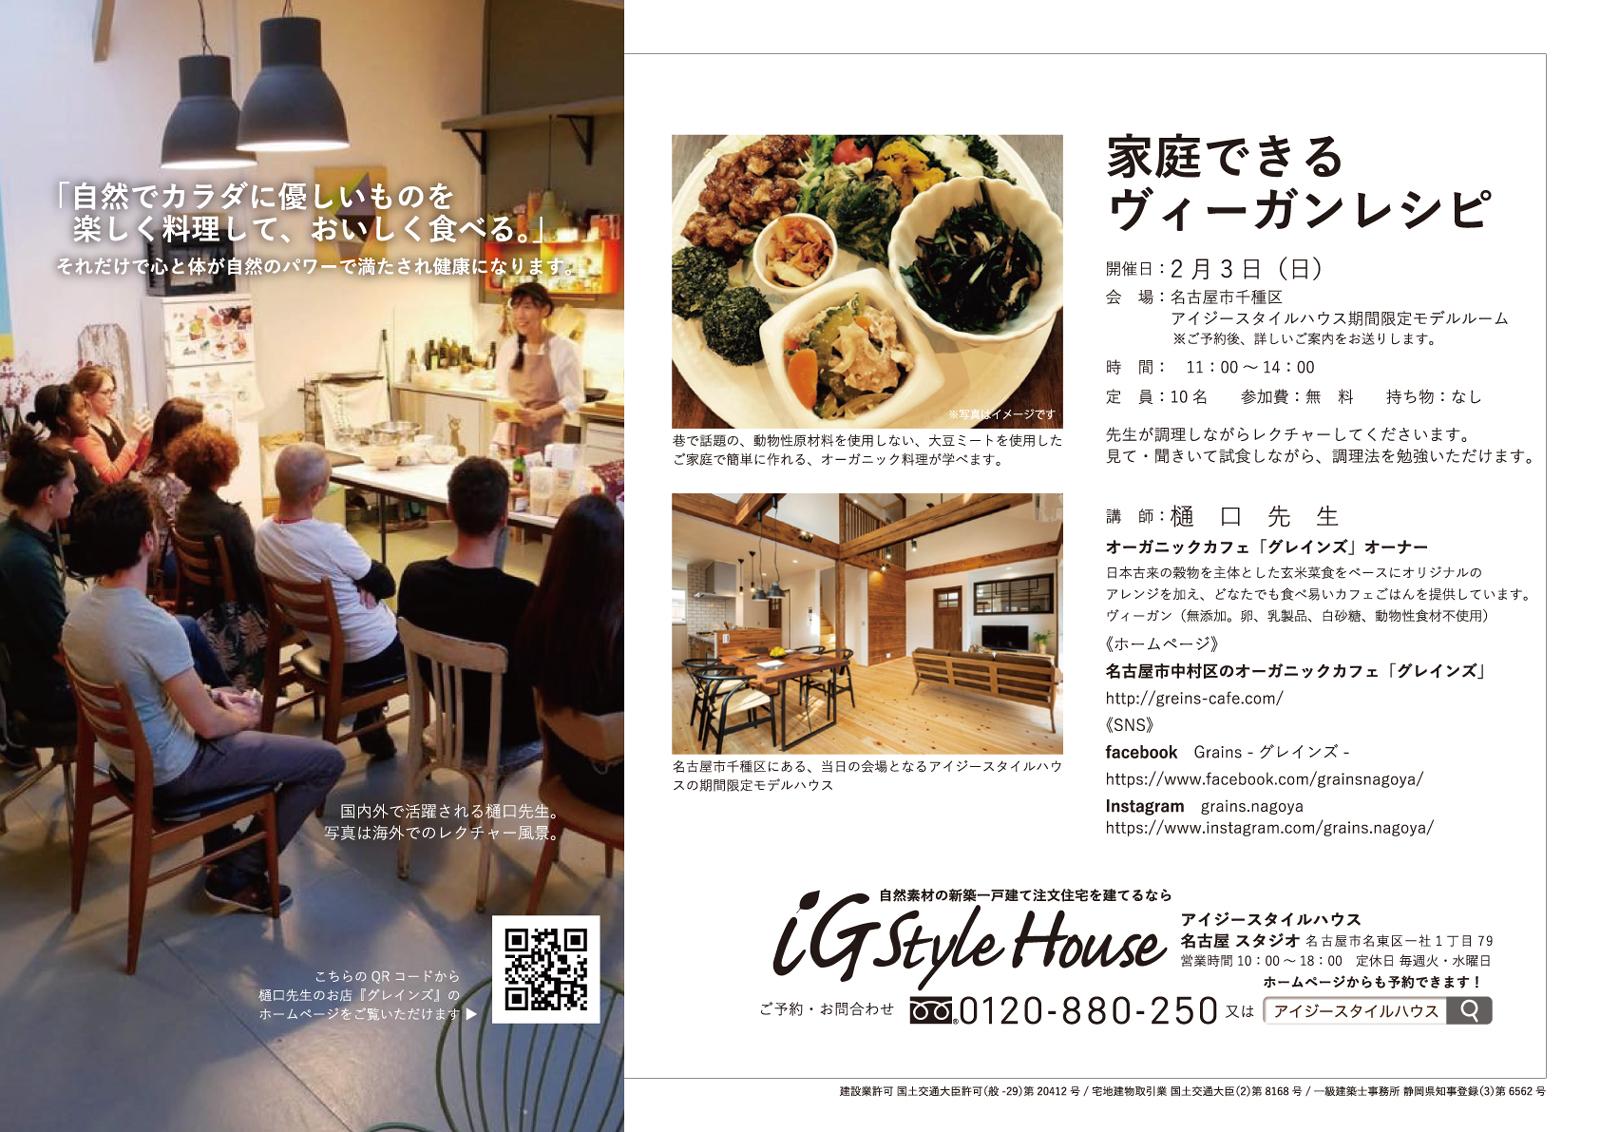 2月3日 オーガニック料理イベント(名古屋市)